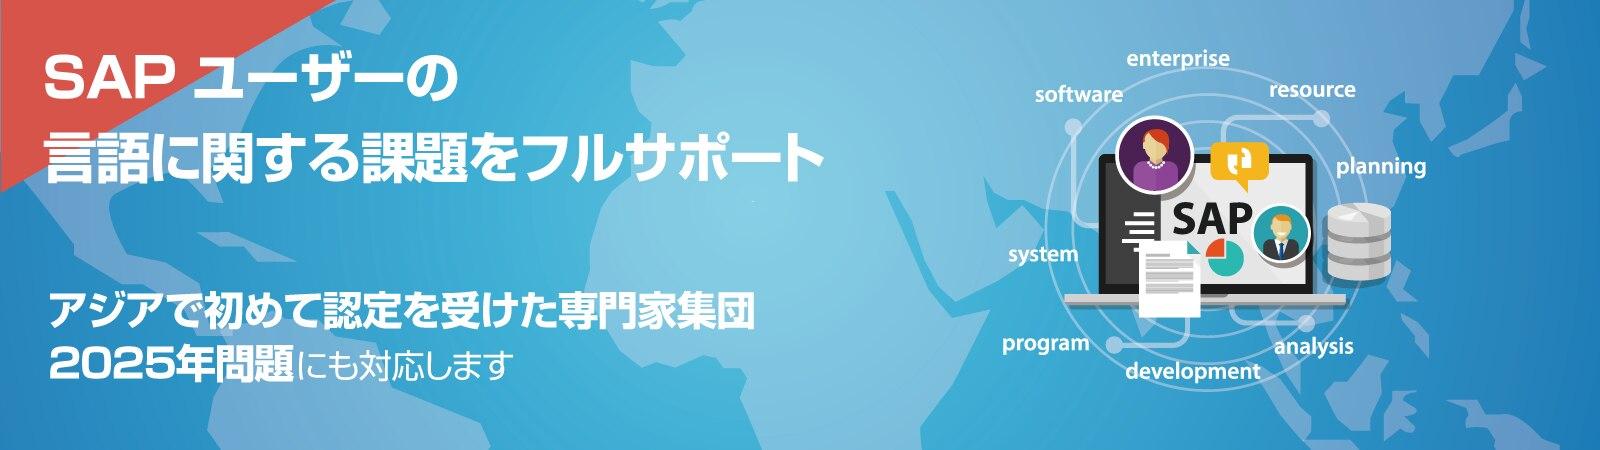 SAP ユーザーの 言語に関する課題をフルサポート  アジアで初めて認定を受けた専門家集団